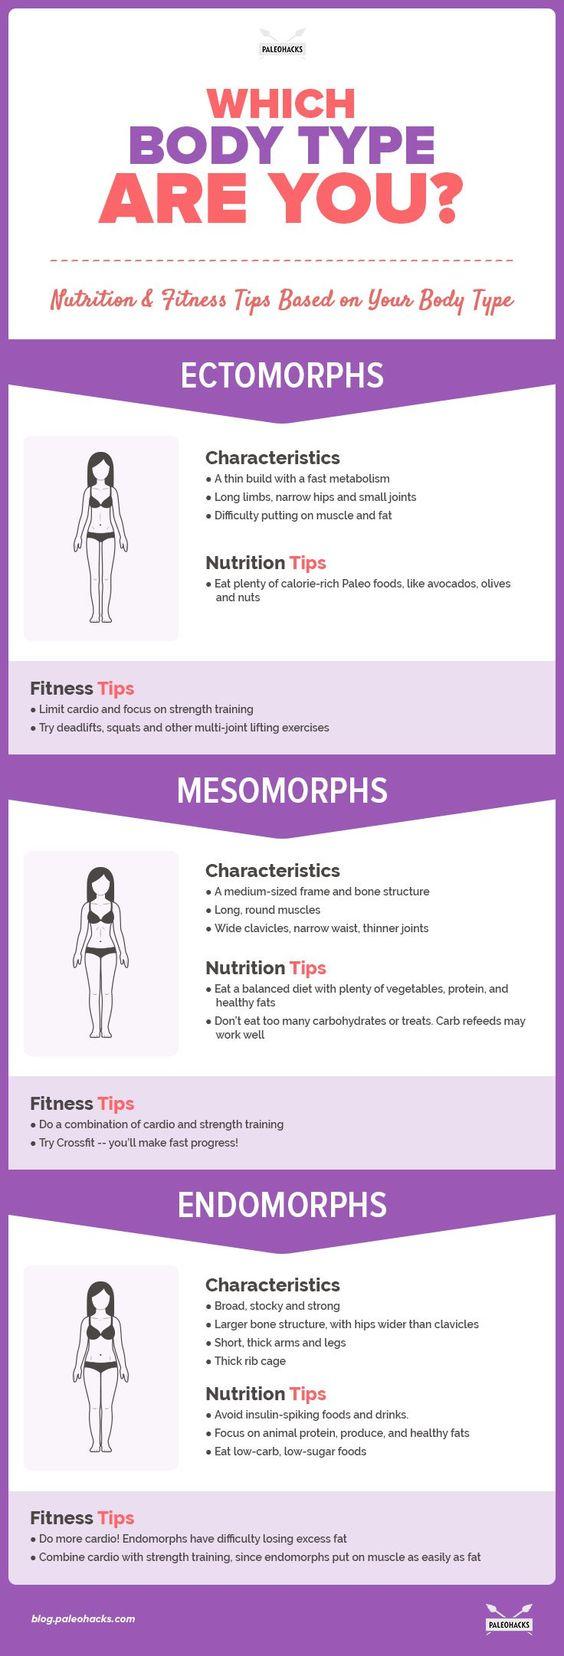 body-type-infog2: